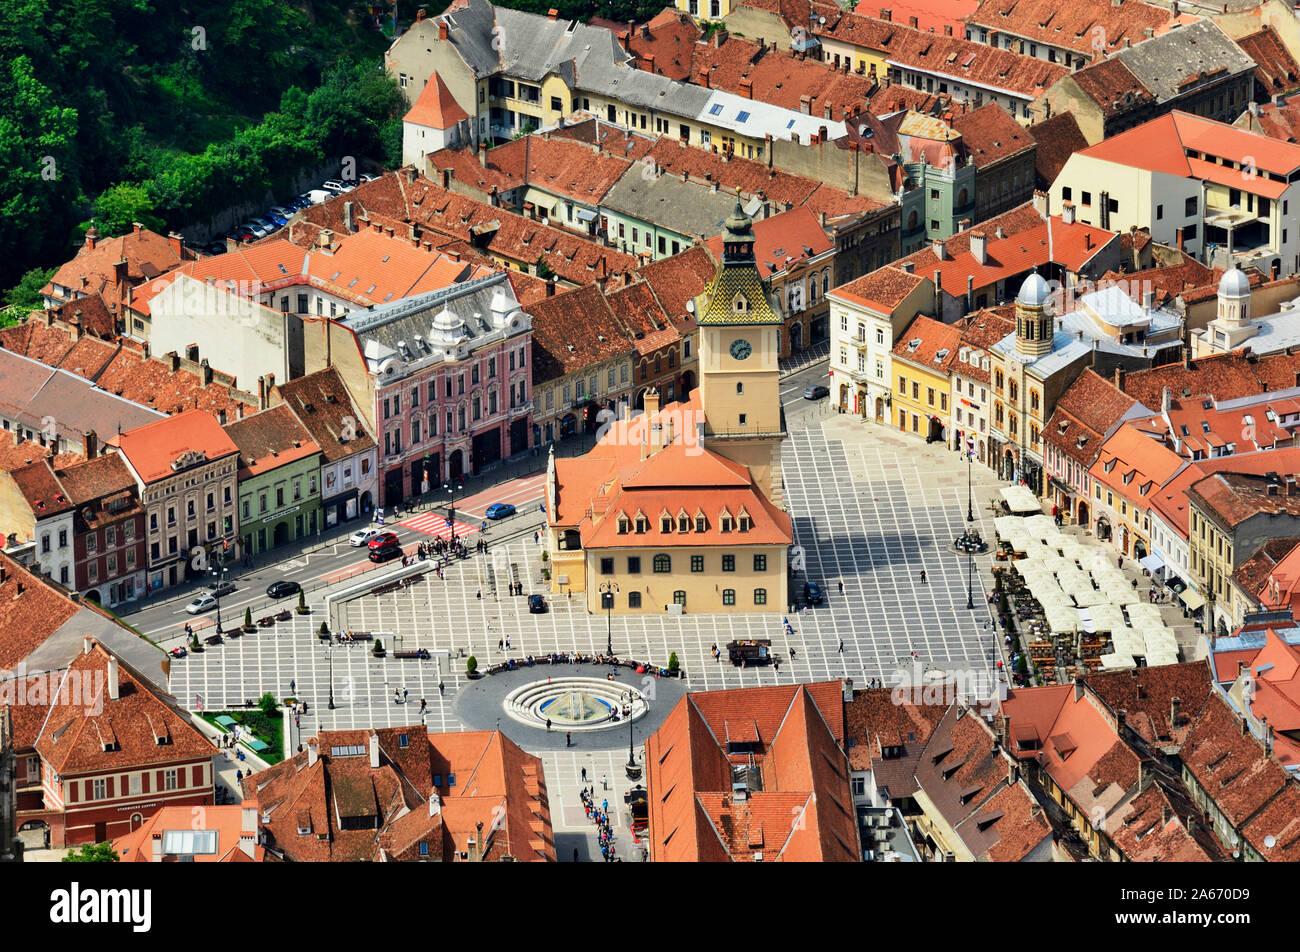 Piata Sfatului (Rathausplatz) mit der ehemaligen Rat Haus, 1420 erbaut, und der Altstadt. In Kronstadt, Siebenbürgen. Rumänien Stockfoto